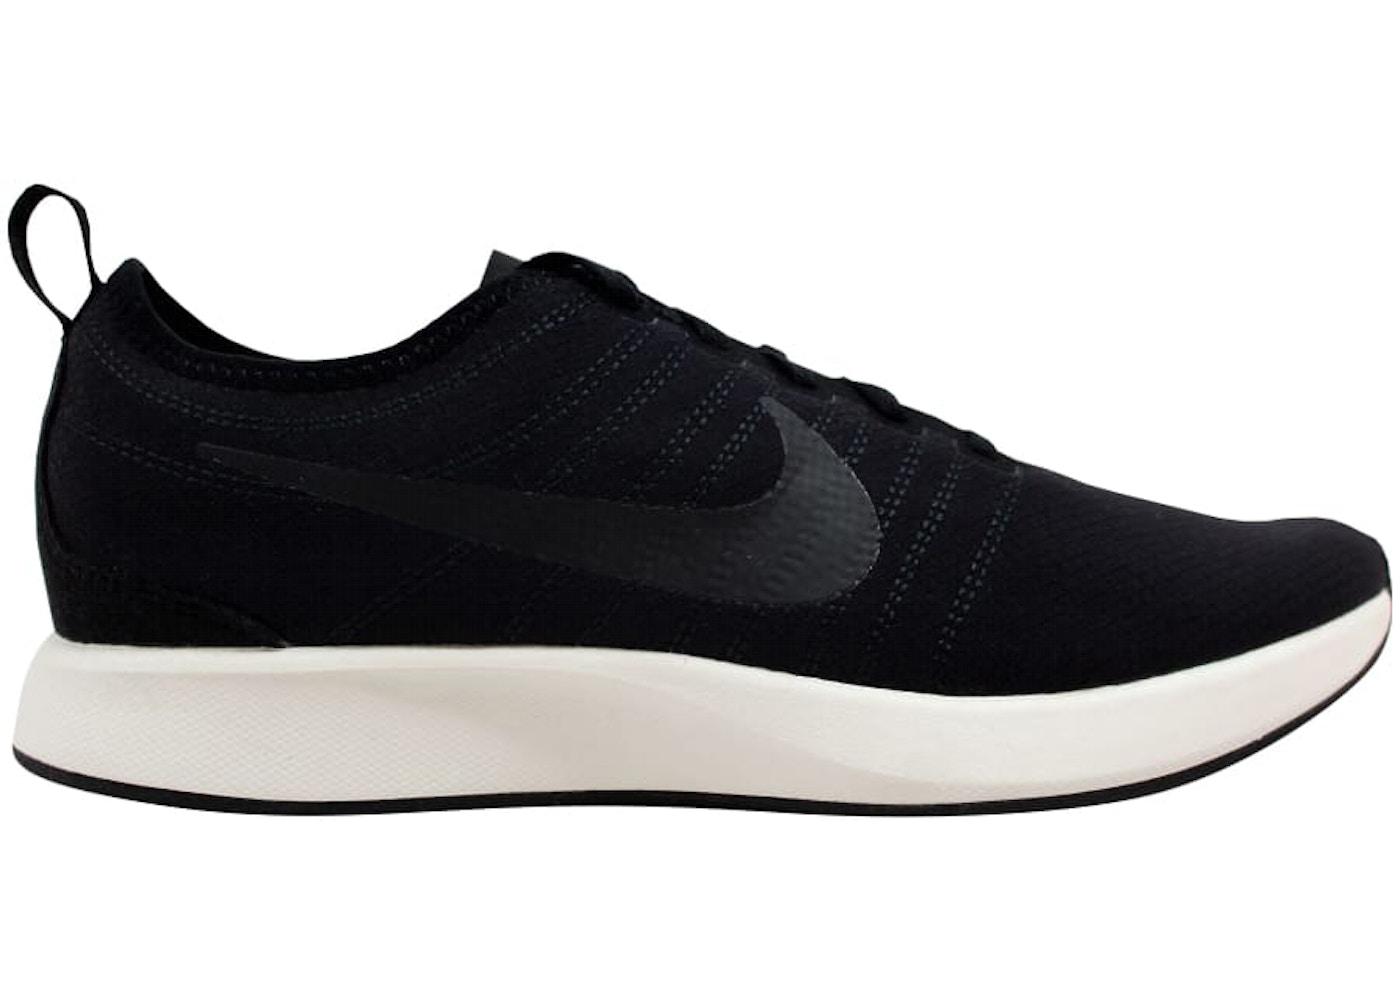 e006f92d0e Nike Dualtone Racer SE Black/Black-Sail - 922170-001